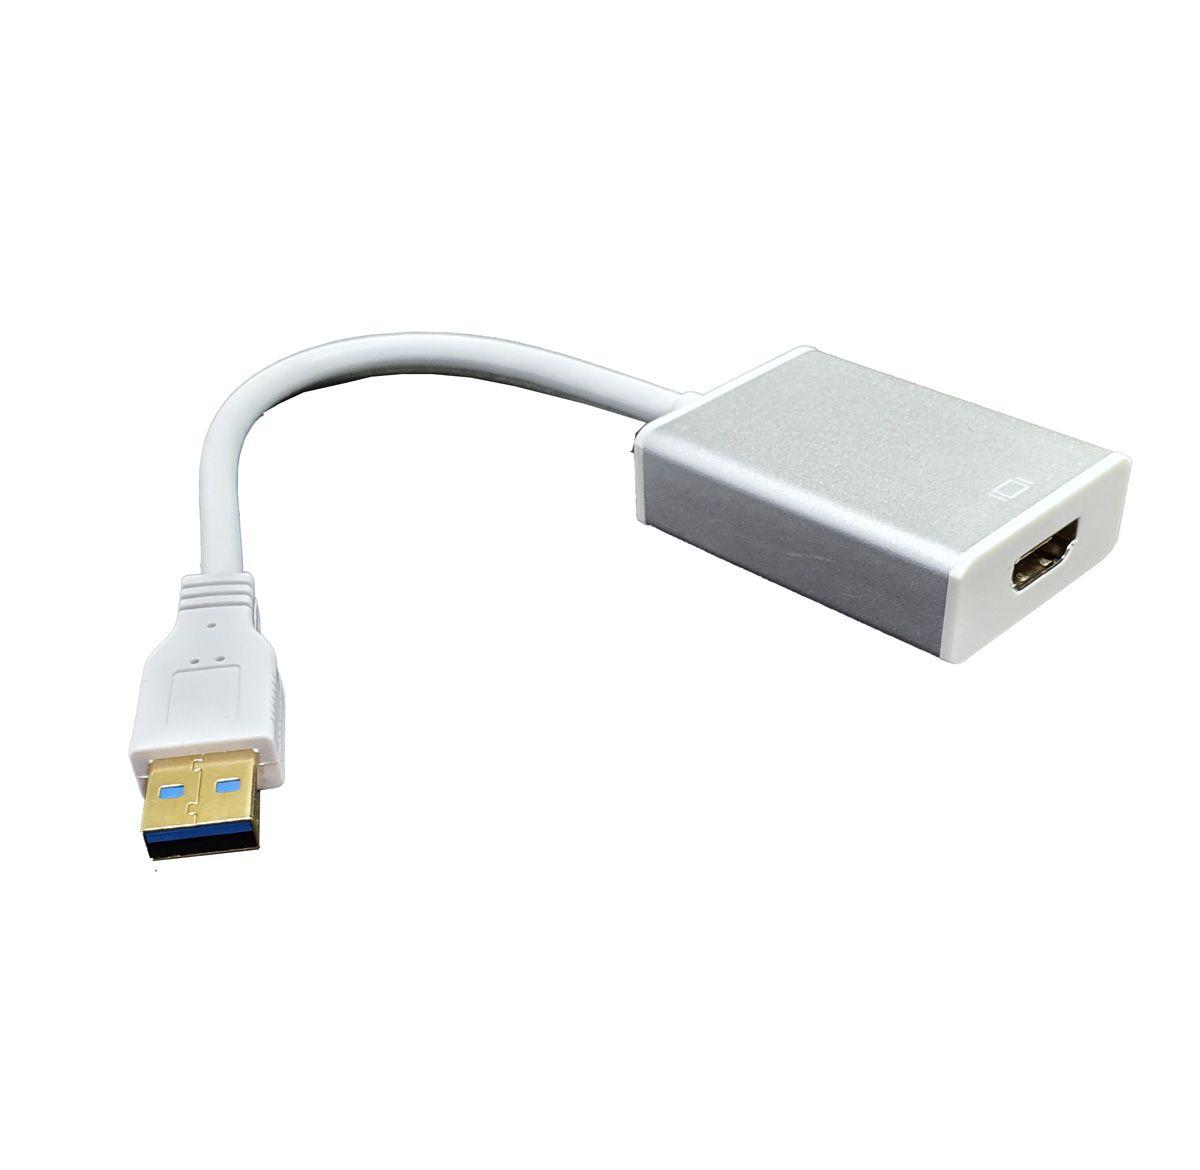 Adaptador USB 3.0 Macho para HDMI Fêmea